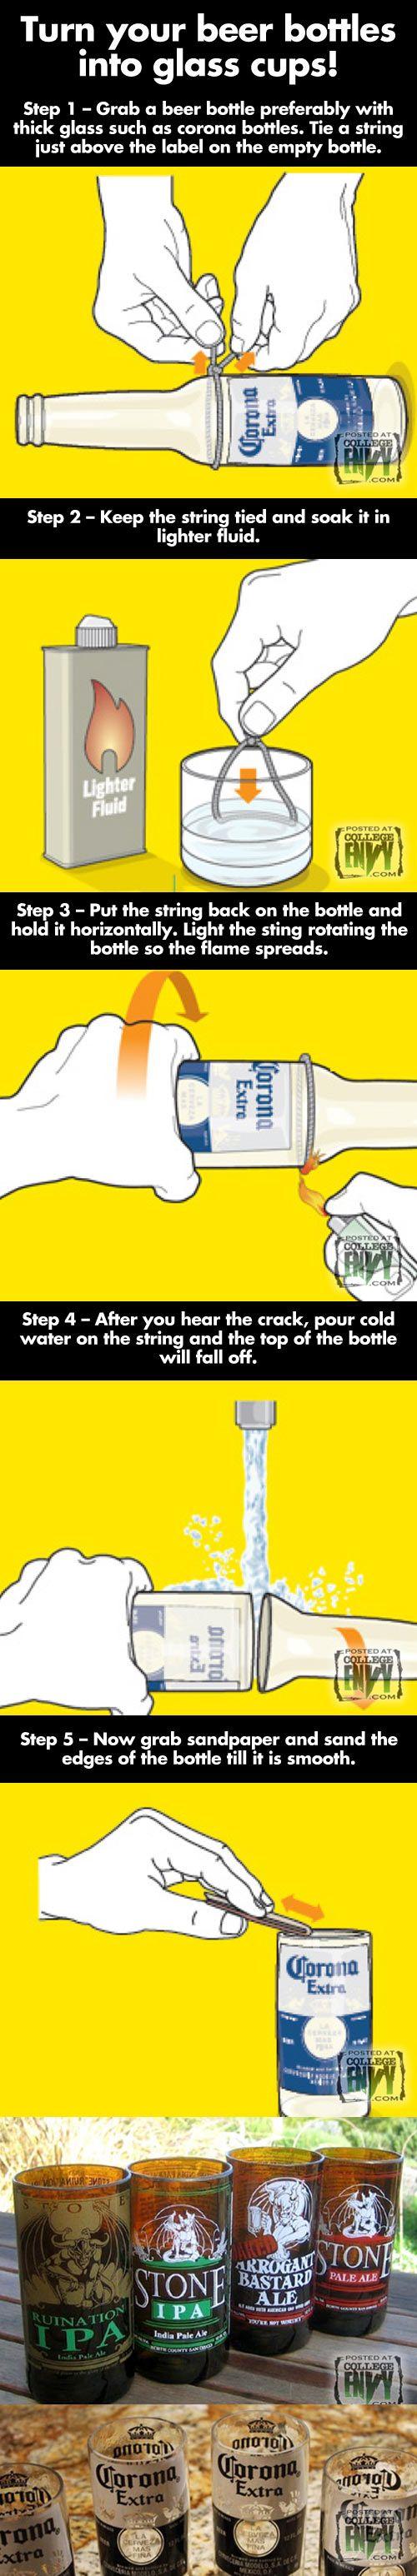 """Como sobra a parte do """"pescoço"""" da garrafa, dá de fazer um copinho de shot (sai um kit pra submarino a partir da garrafa haha)"""